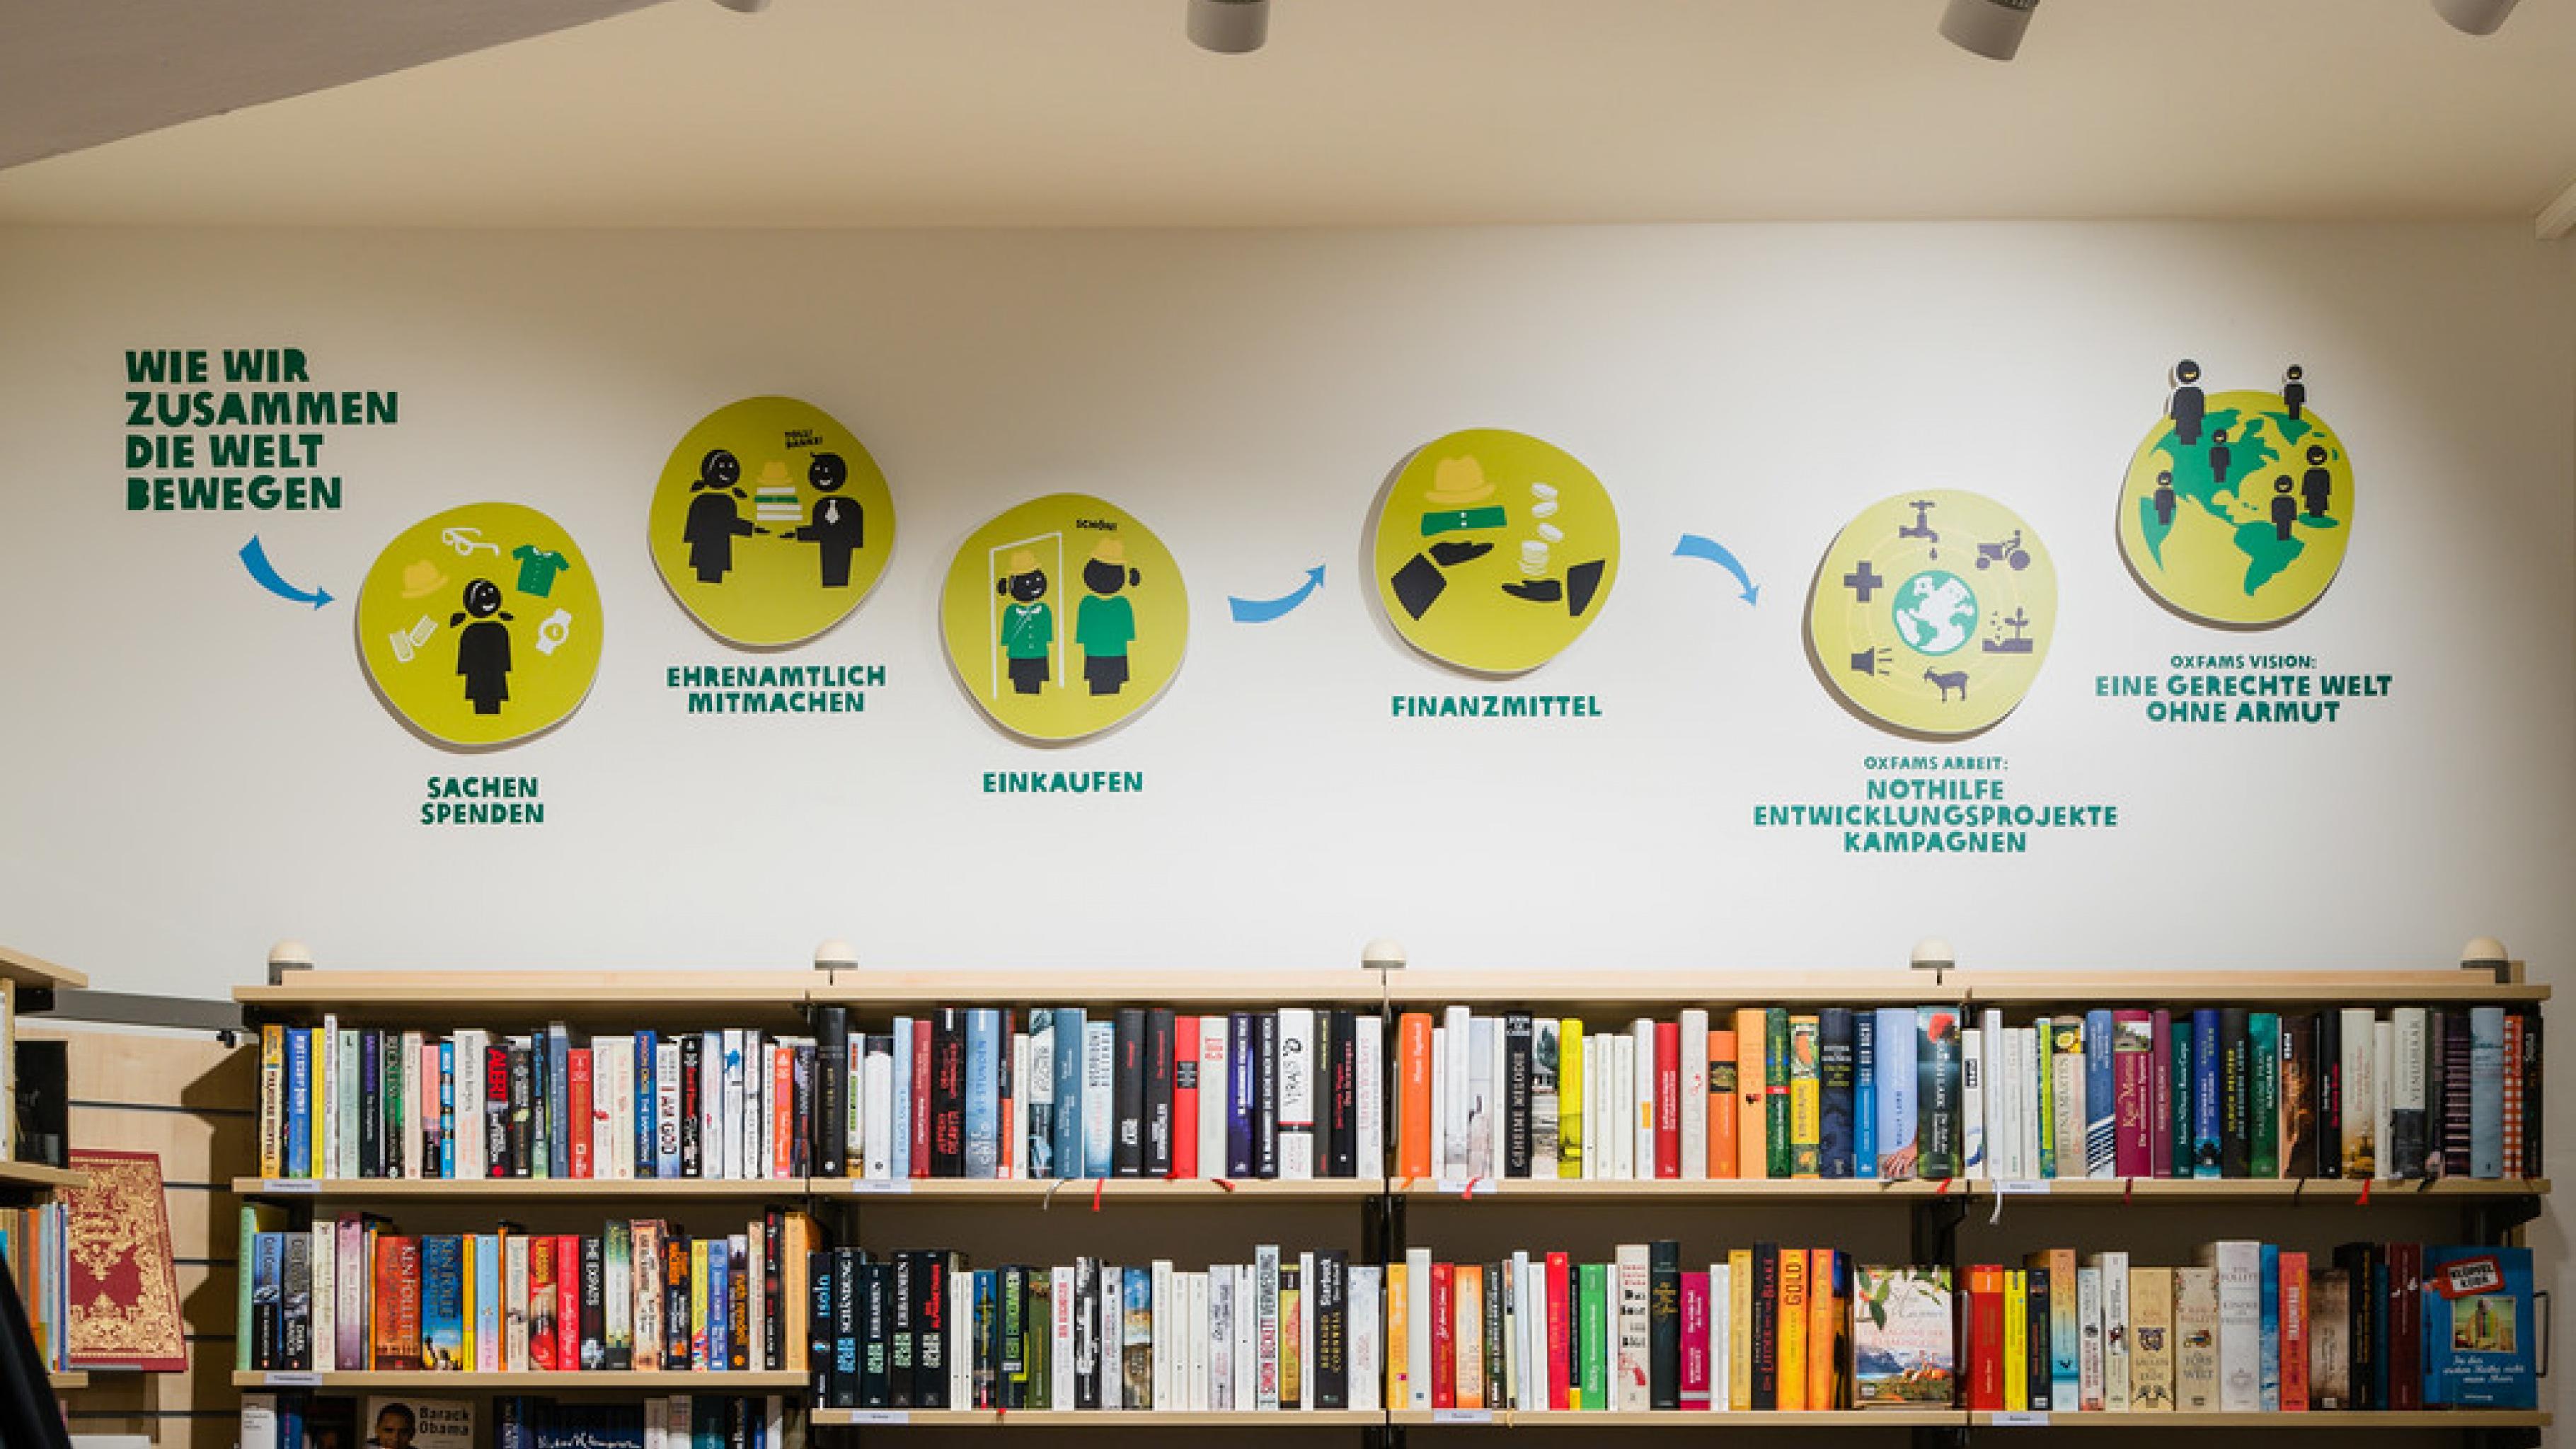 Oxfam Shop Frankfurt-Nordend - Wie wir zusammen die Welt bewegen